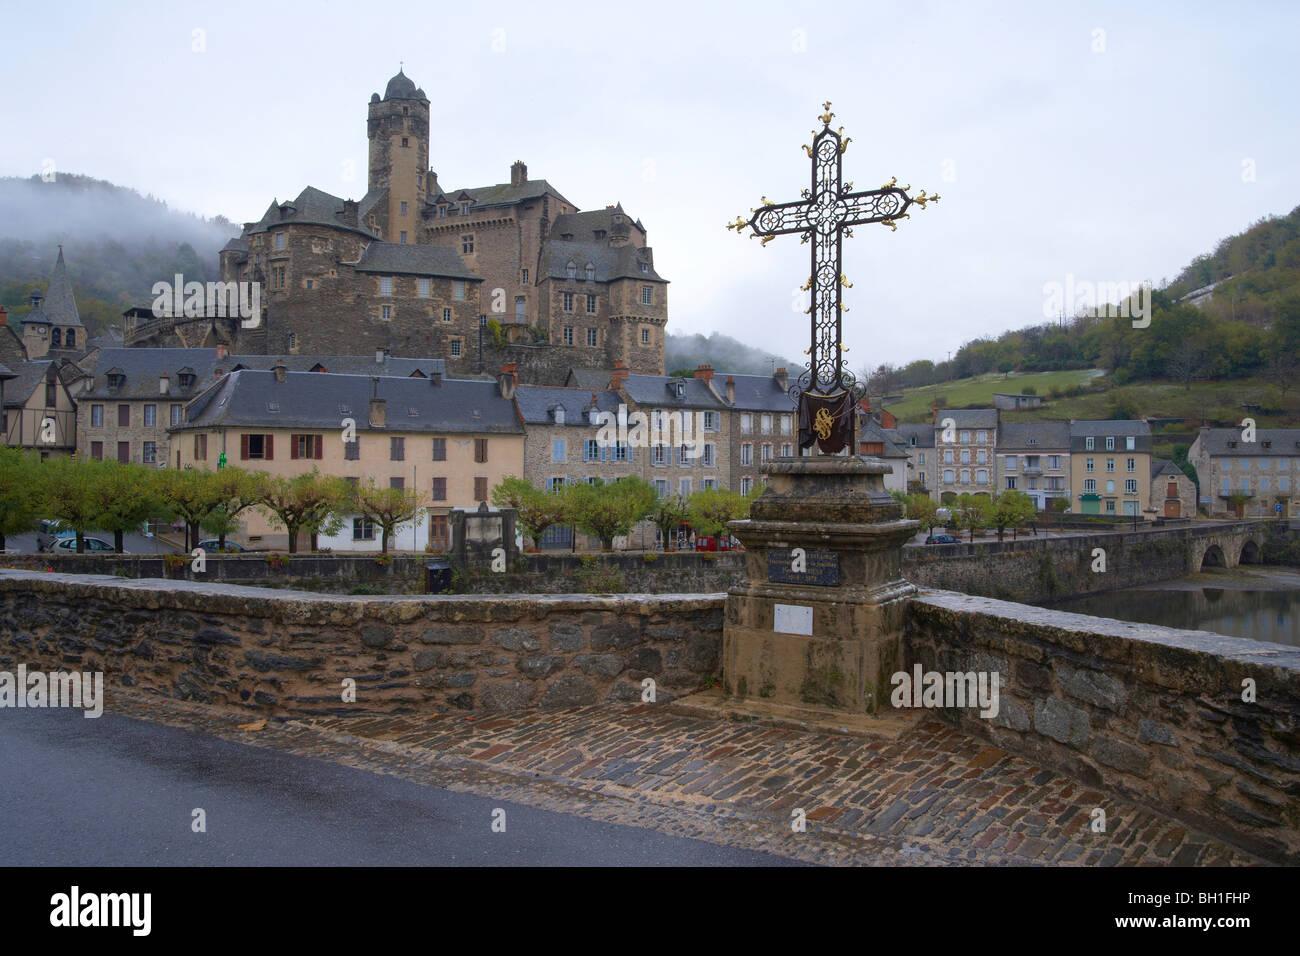 Castle and bridge over the river Lot, Autumn fog, The Way of St. James, Chemins de Saint Jacques, Via Podiensis, - Stock Image